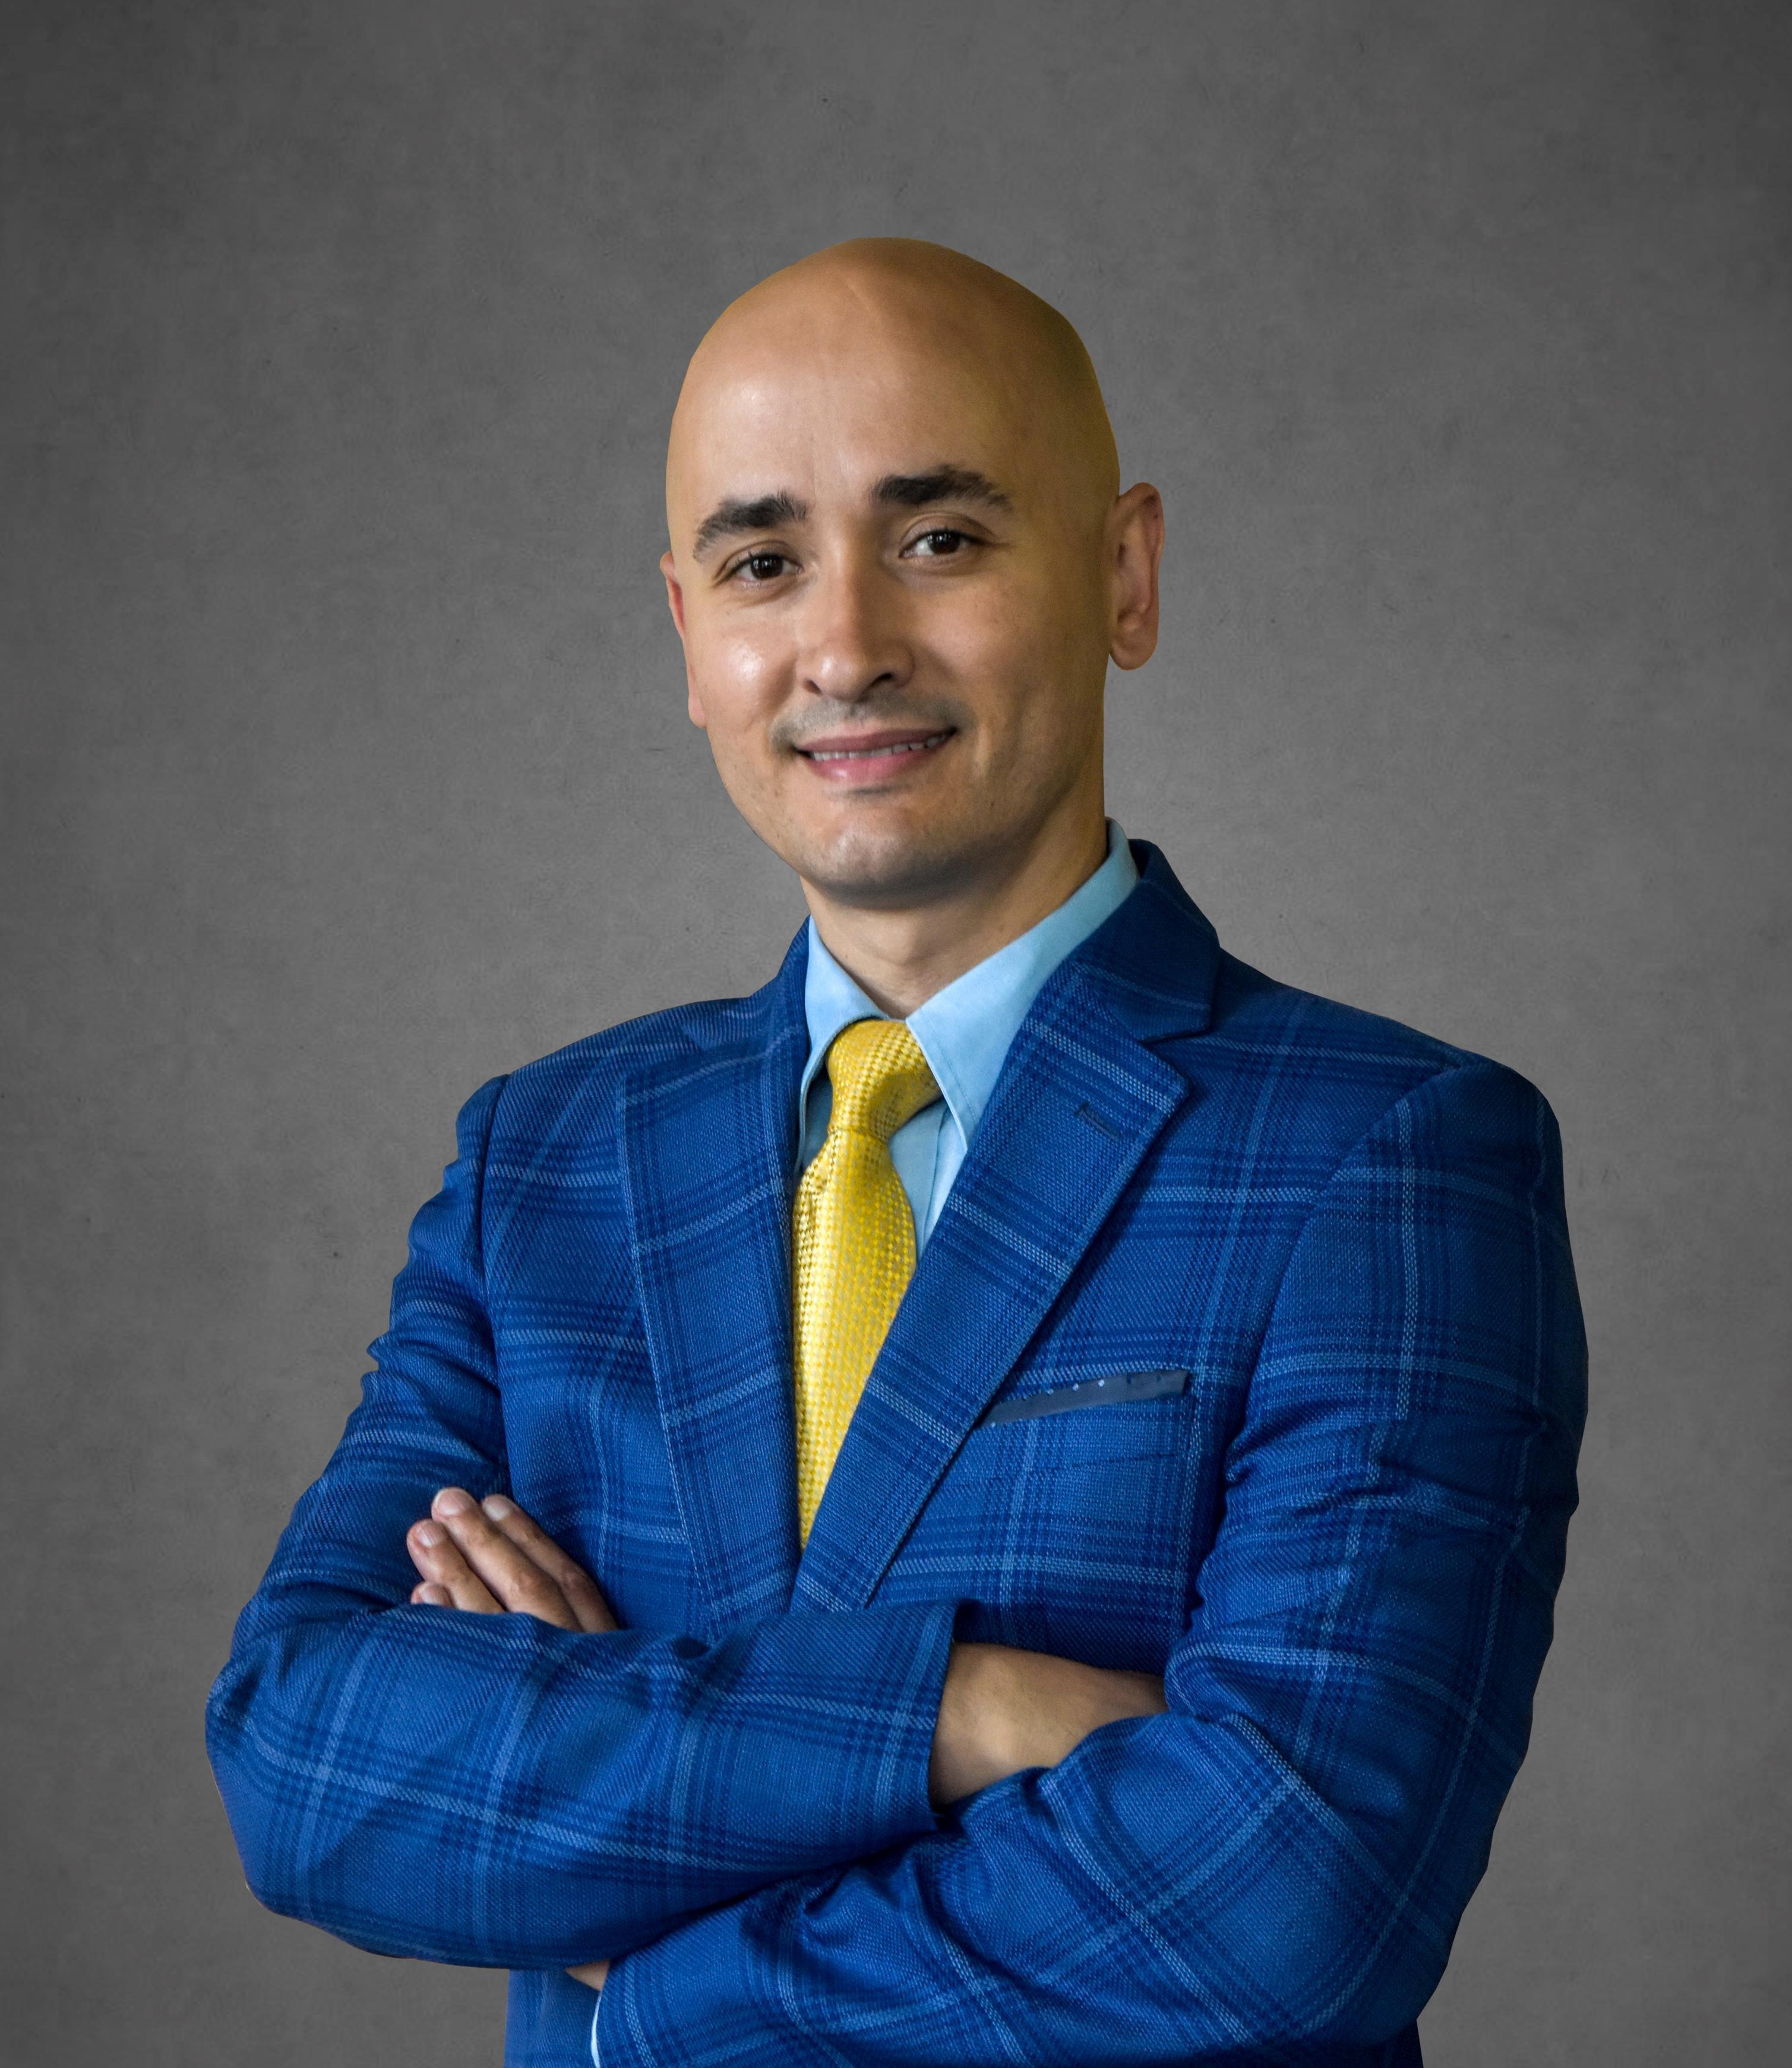 Christian Vega